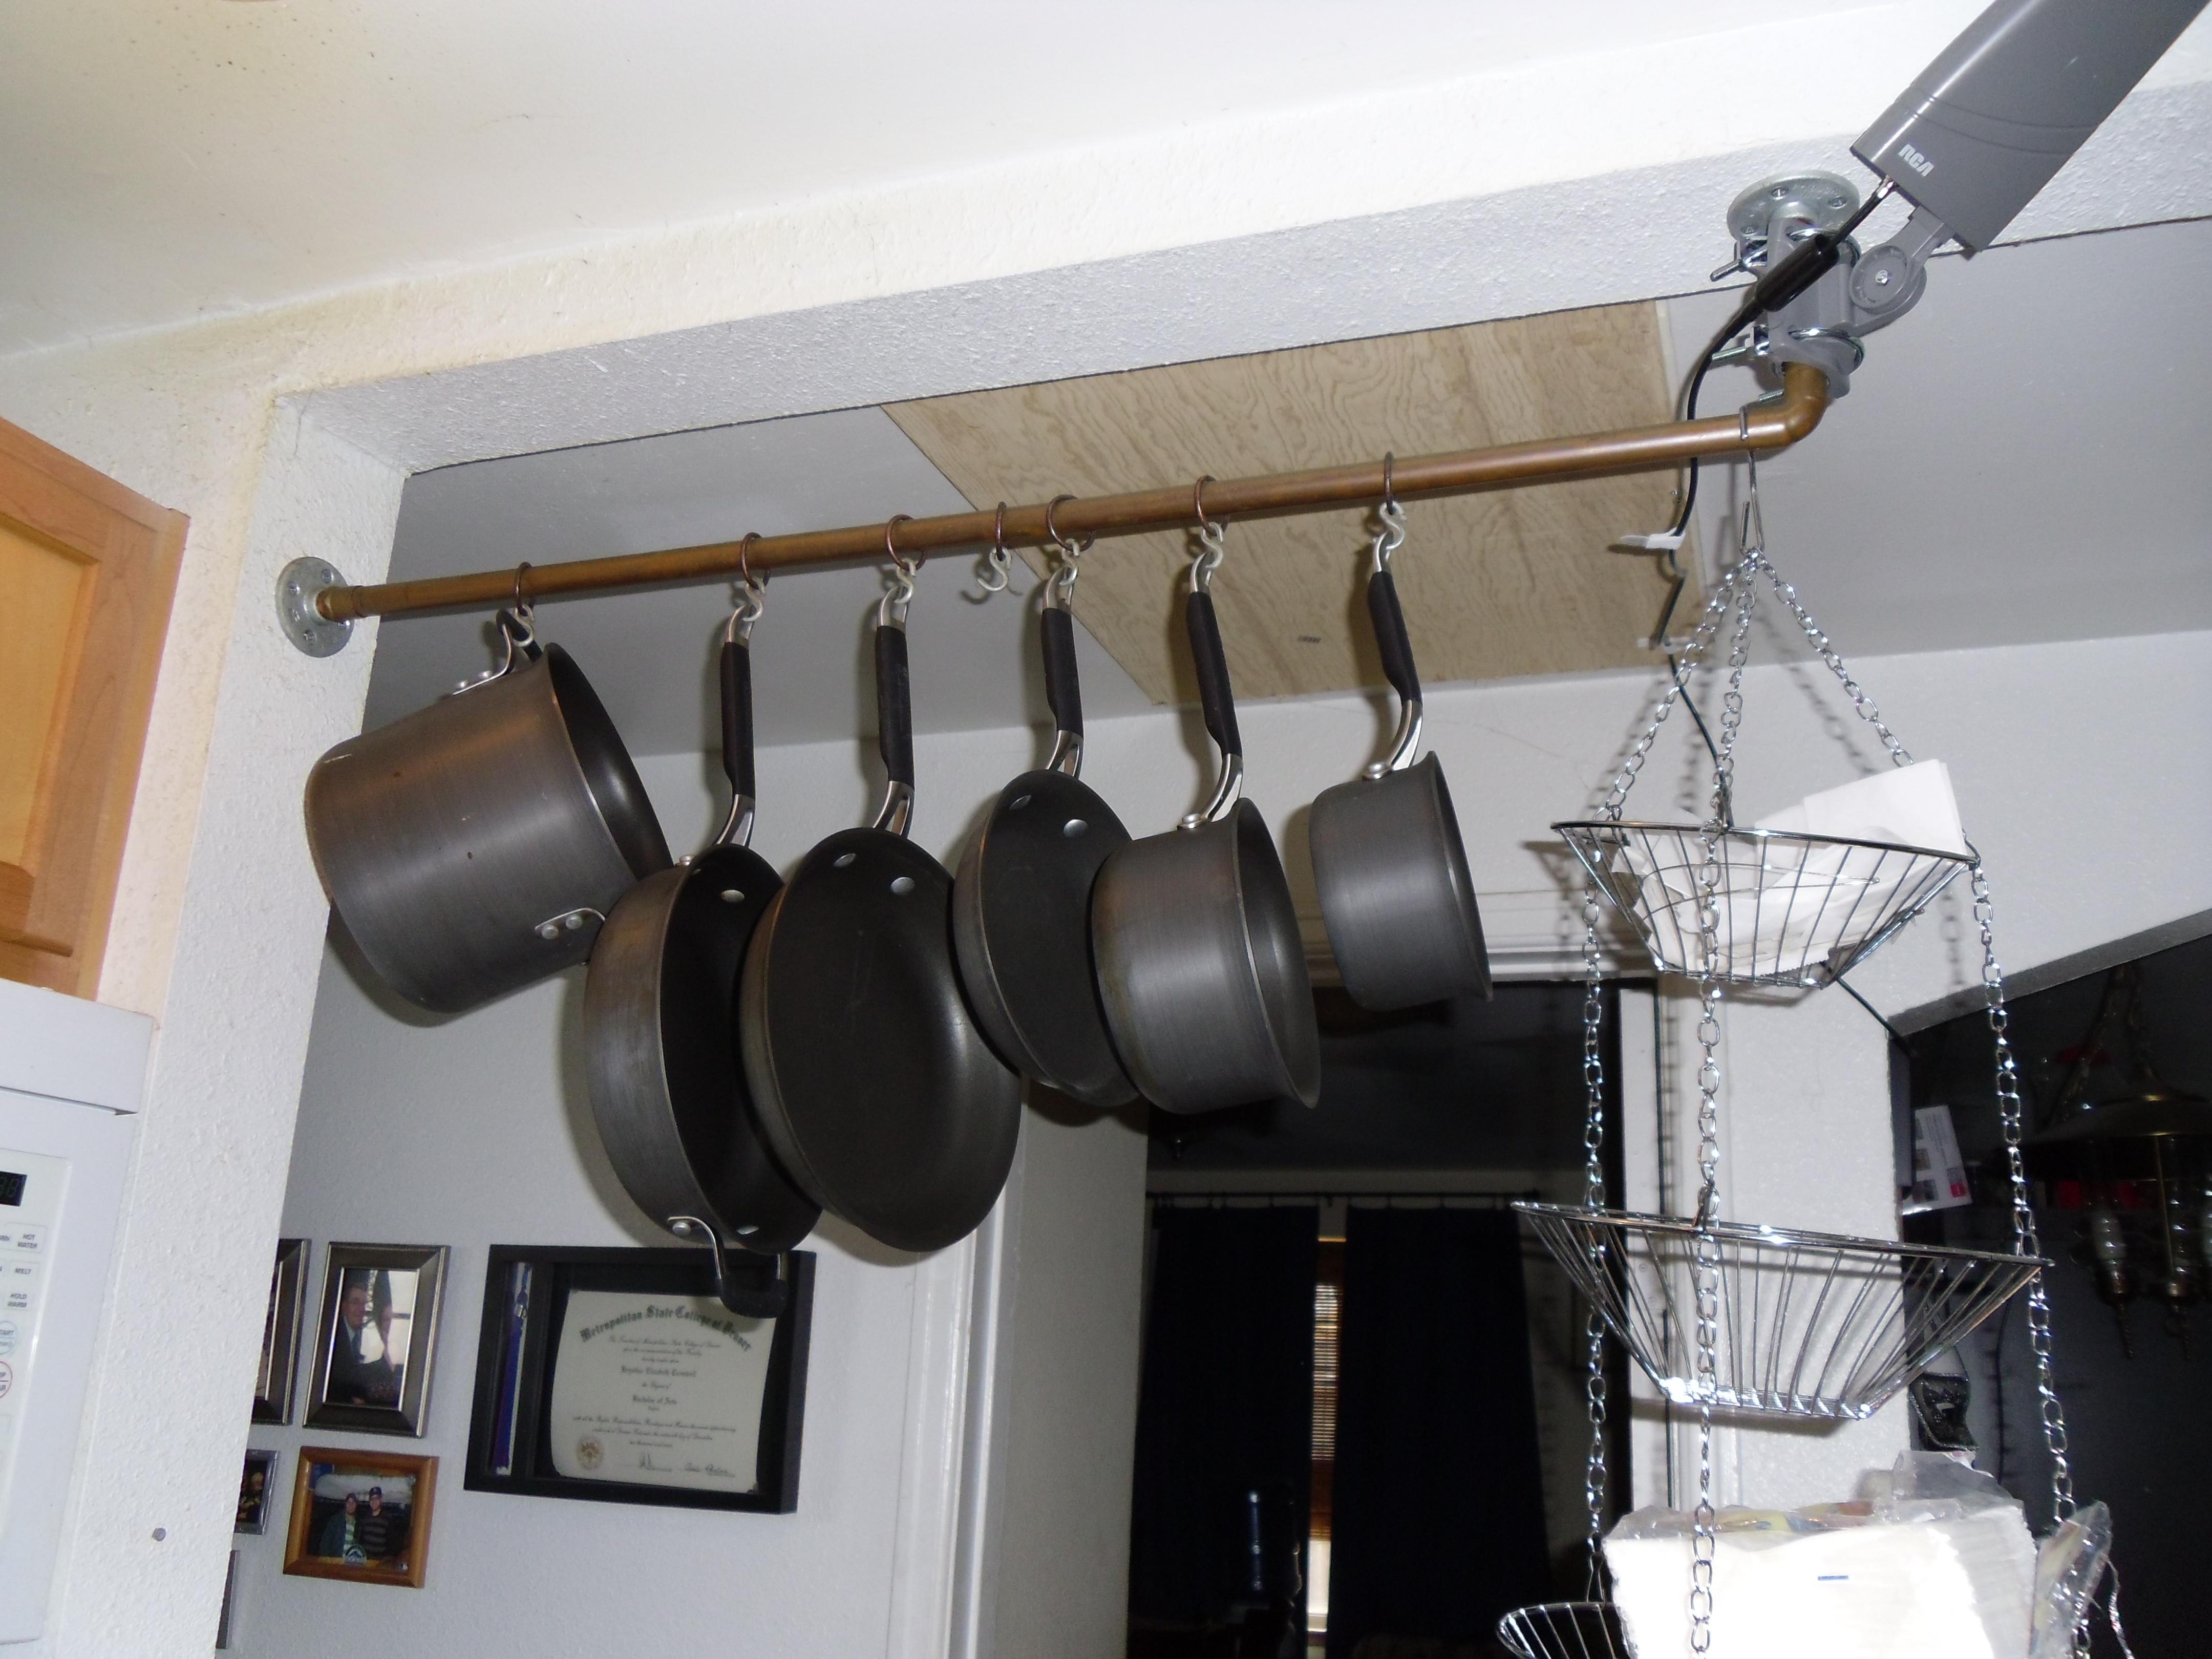 Best ideas about DIY Pot Rack . Save or Pin DIY Pot Rack Now.